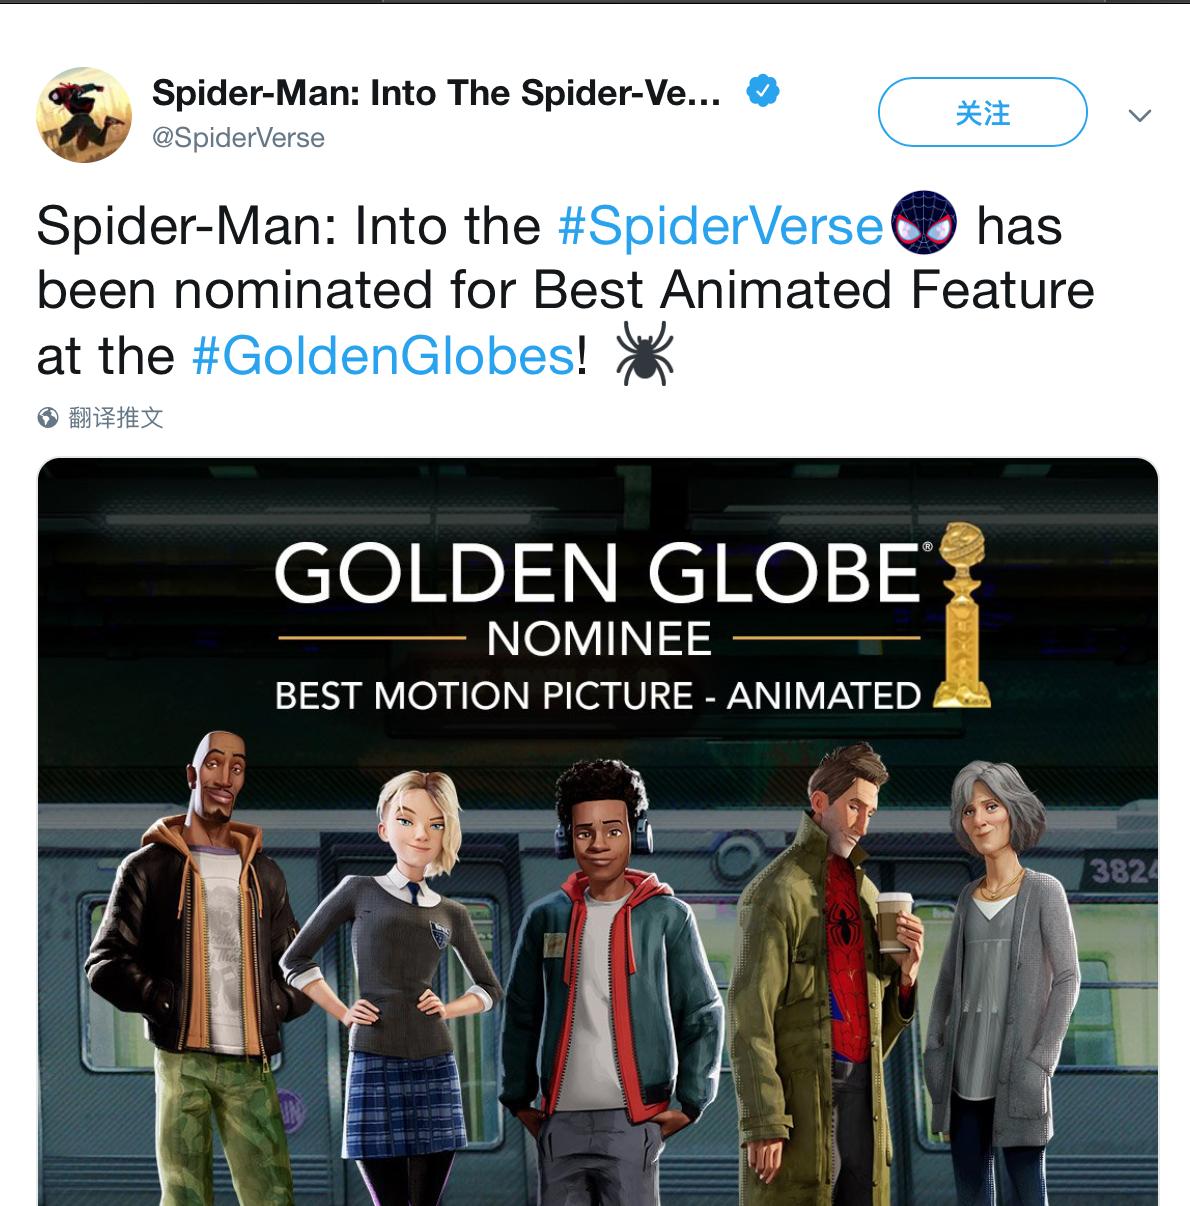 口碑炸裂的漫威動畫電影《蜘蛛俠:平行宇宙》,魅力絲毫不弱《海王》! 4